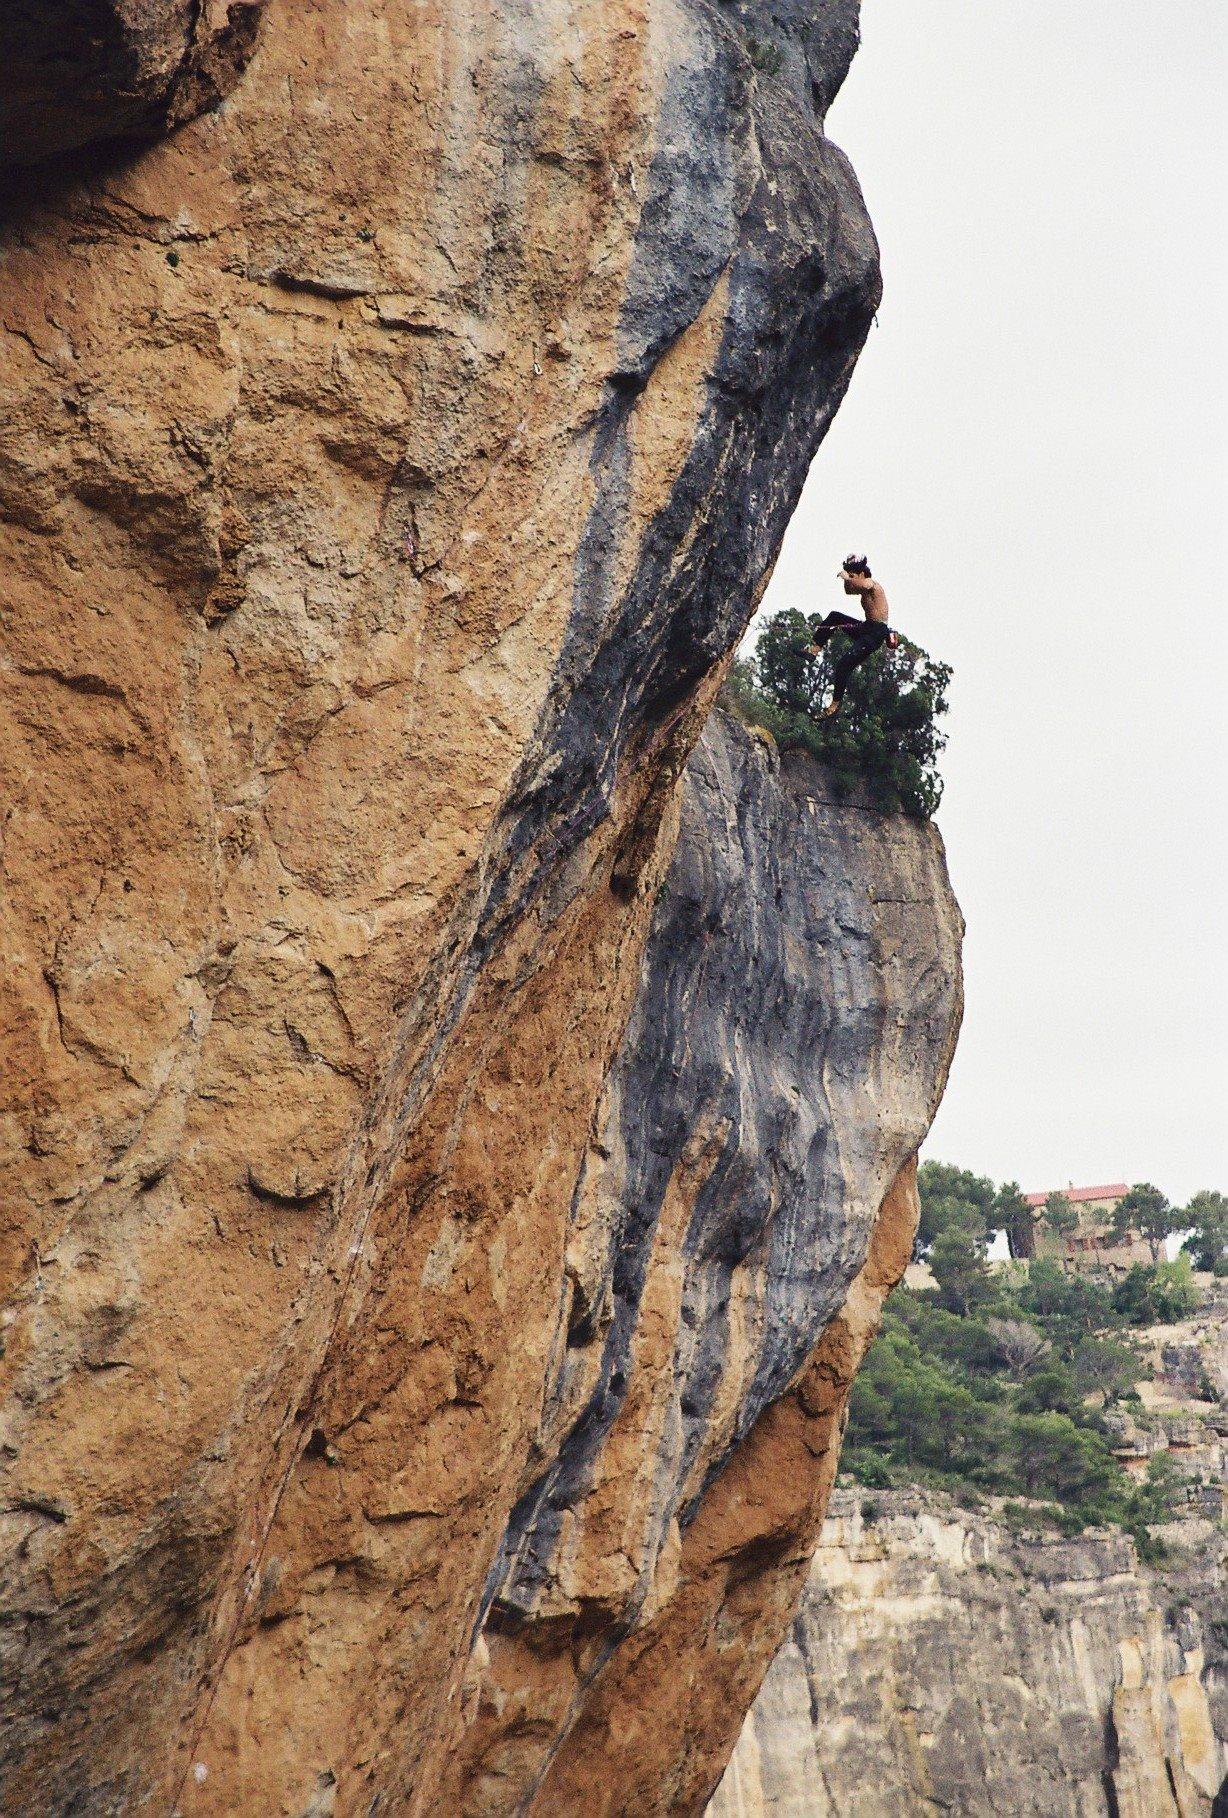 Dani Andrada en 'La Rambla' 9a+